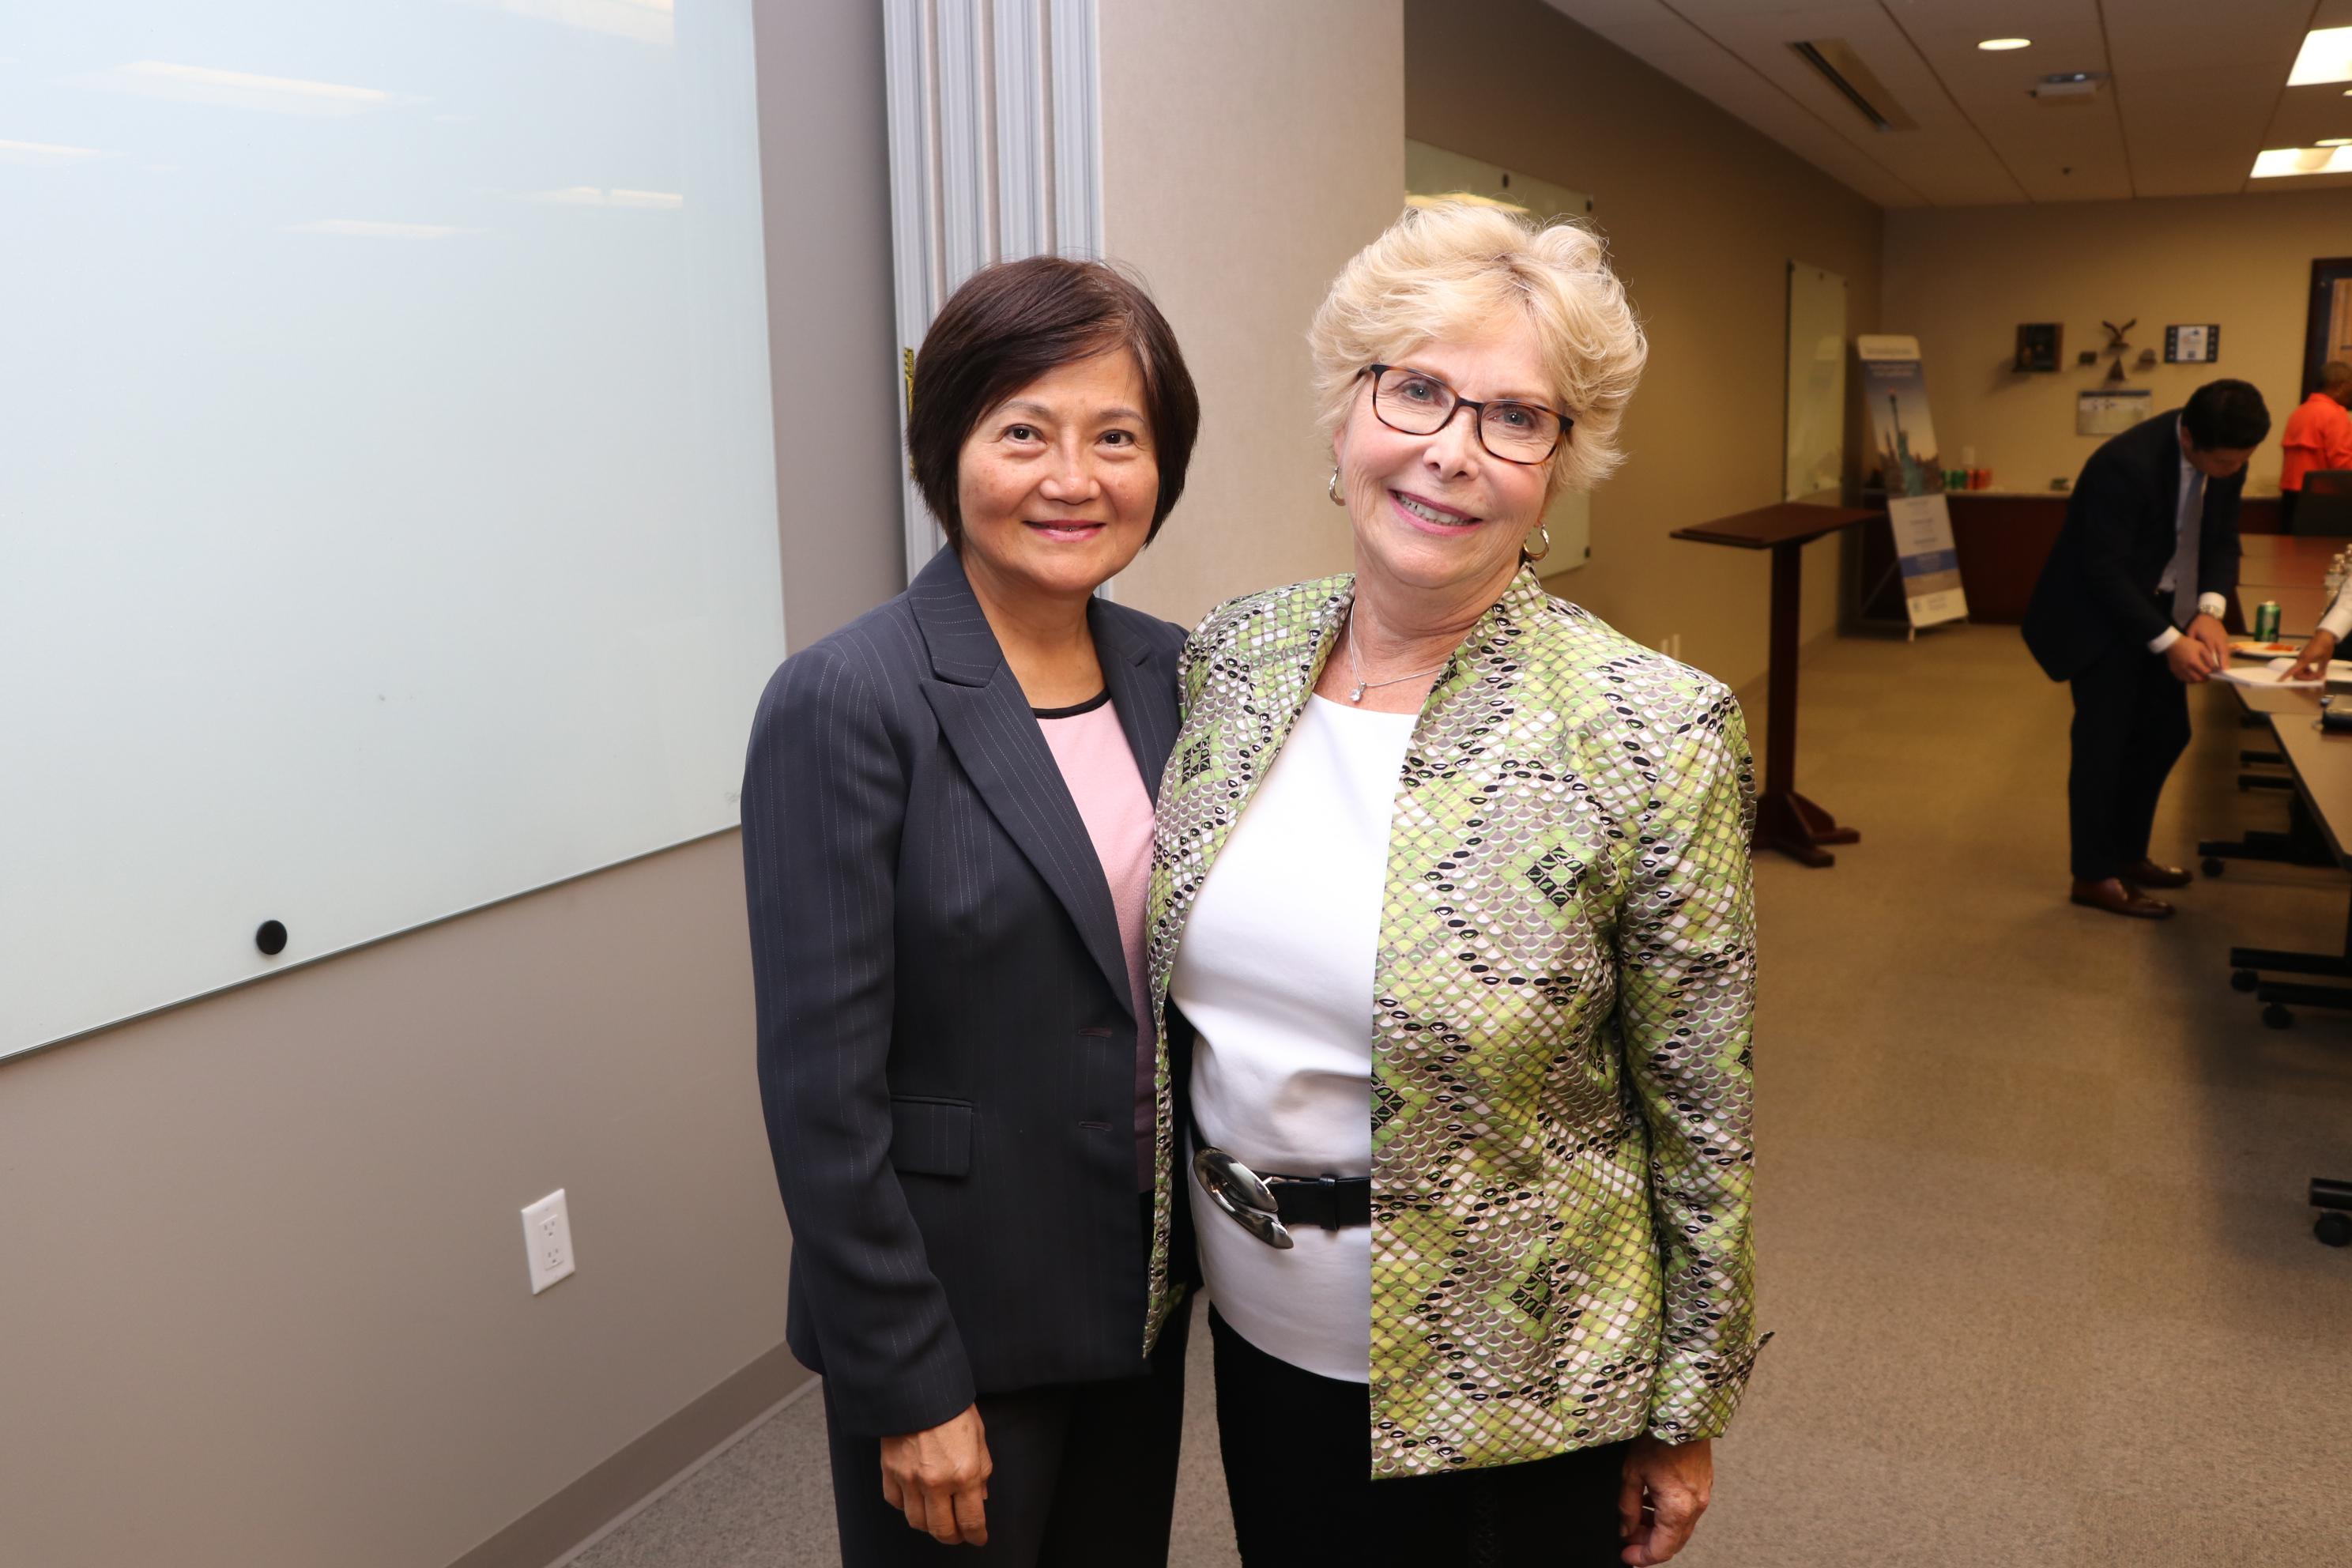 休士頓資深會計師江桂芝(圖左)與紐約人壽的社安金專家Mary Franklin(圖右)研討2020年社安金的最新策略。(記者封昌明/攝影)